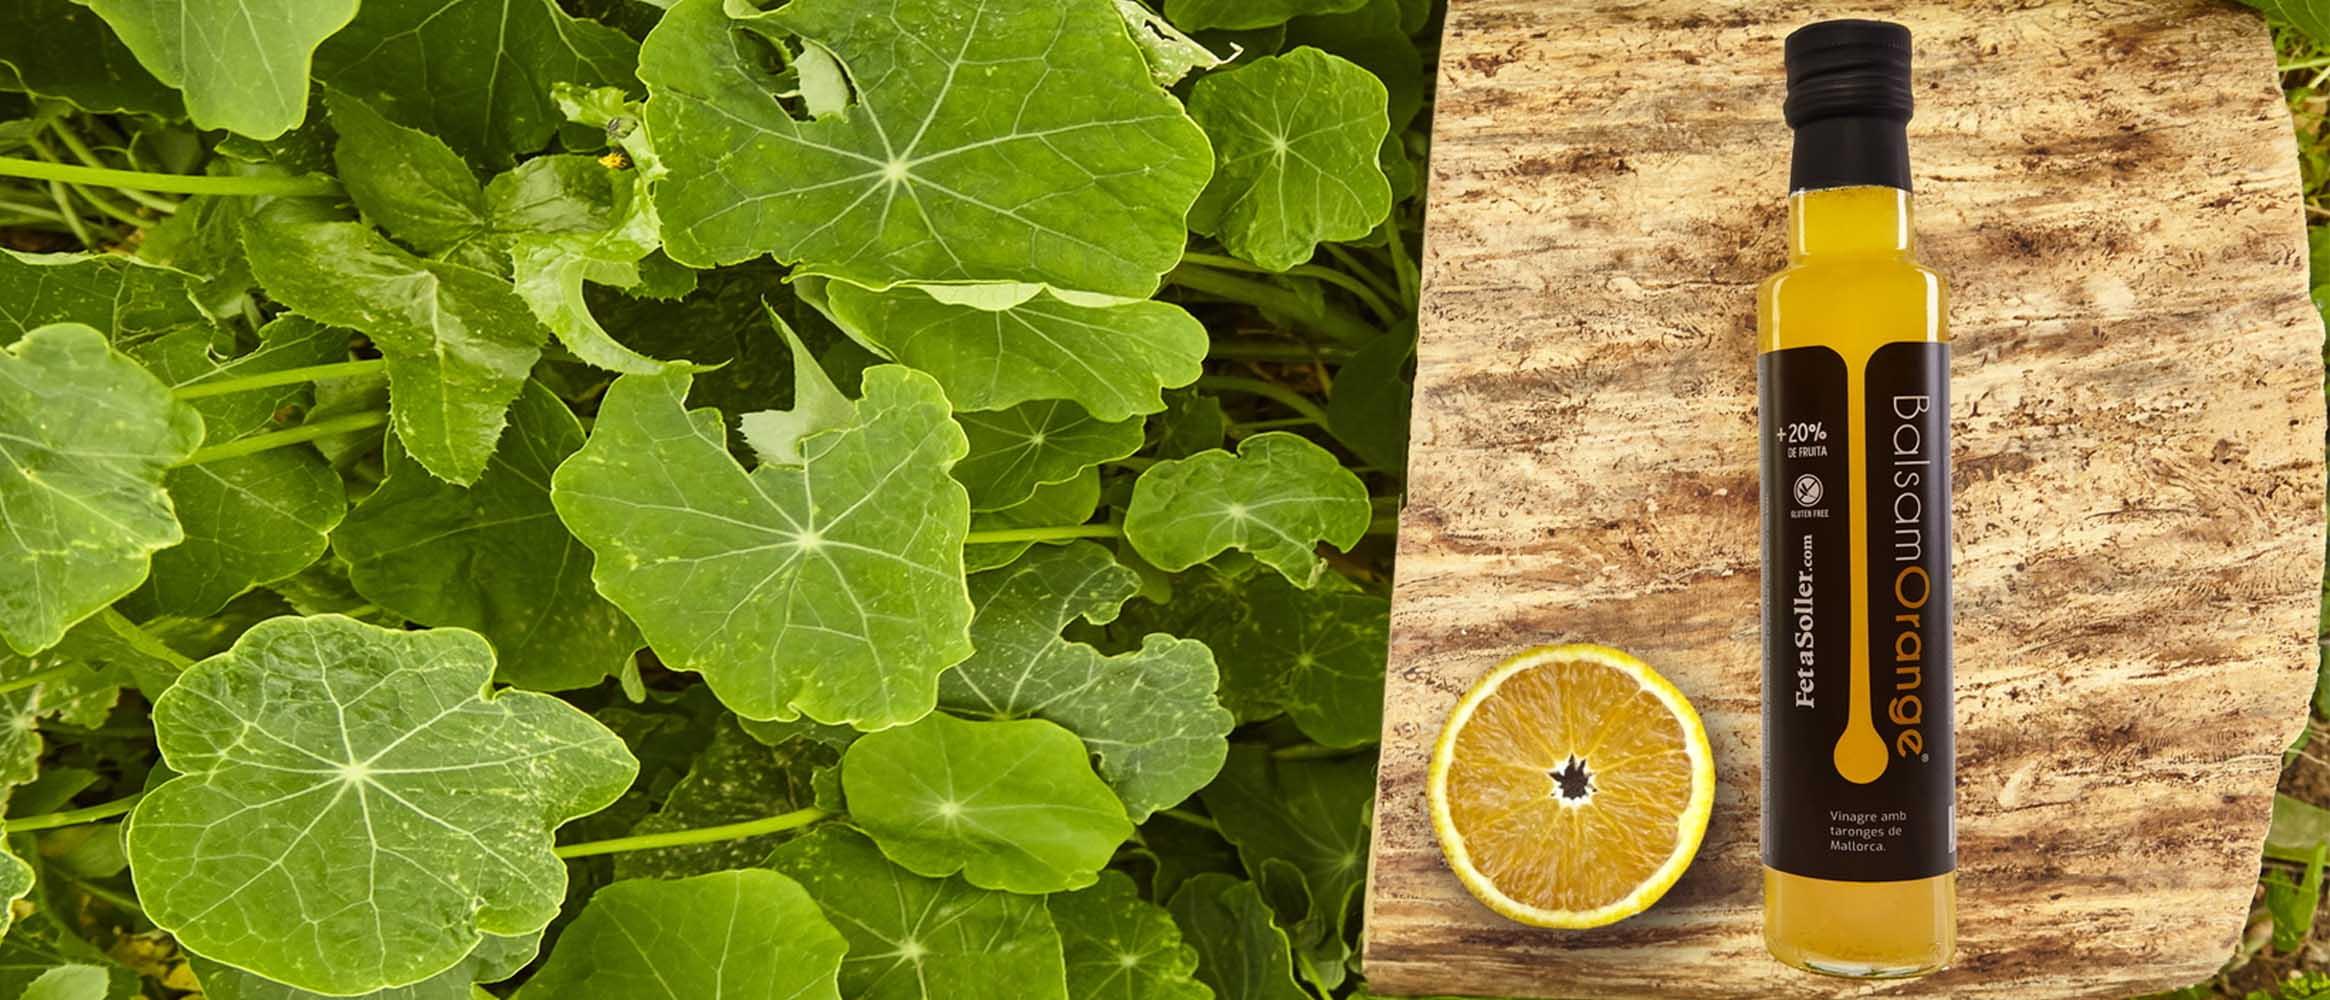 BalsamOrange Condimento de vinagre de vino con naranja